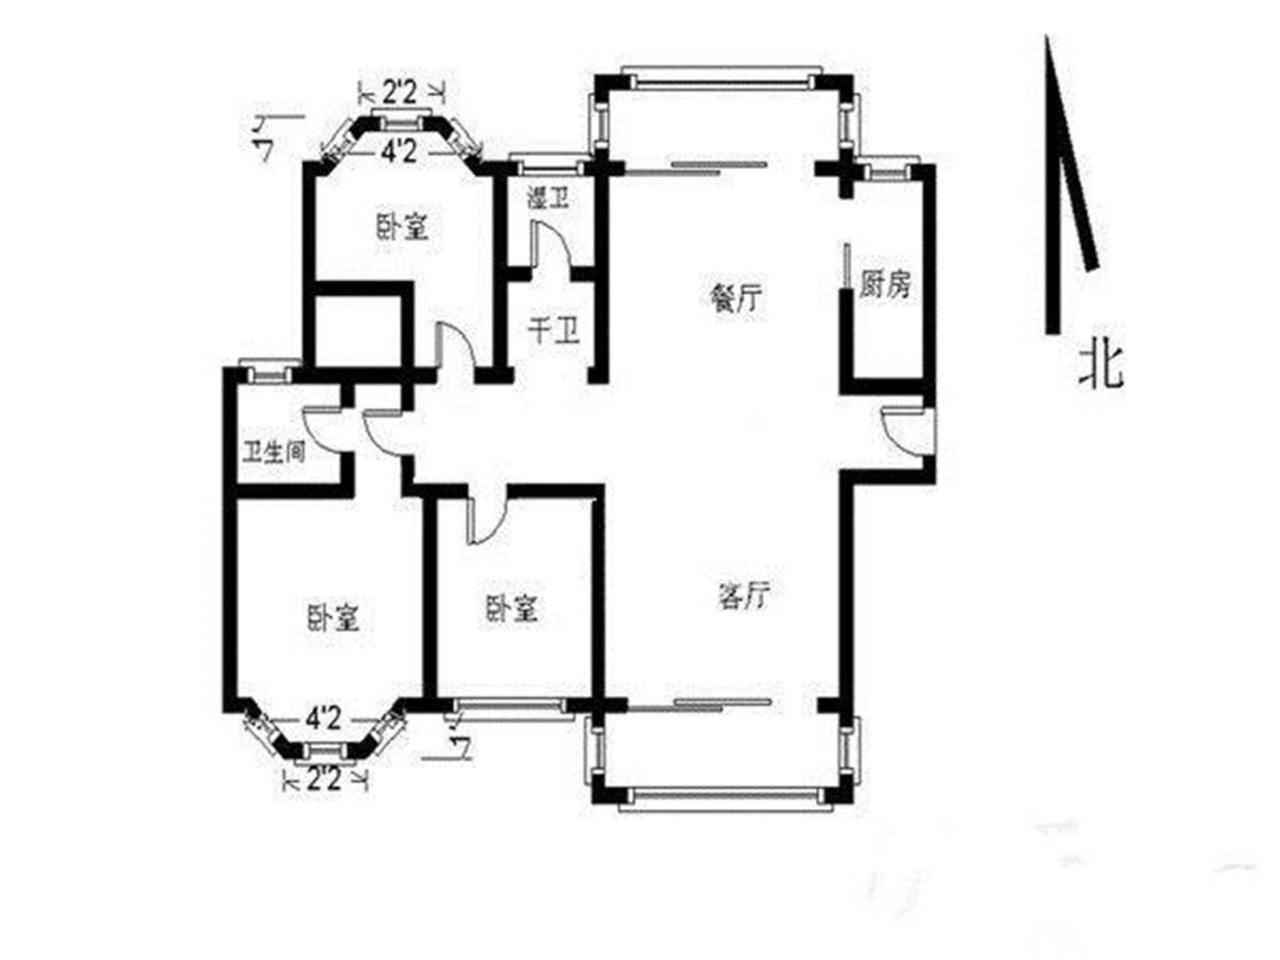 玄武区后宰门钟山颐府3室2厅户型图